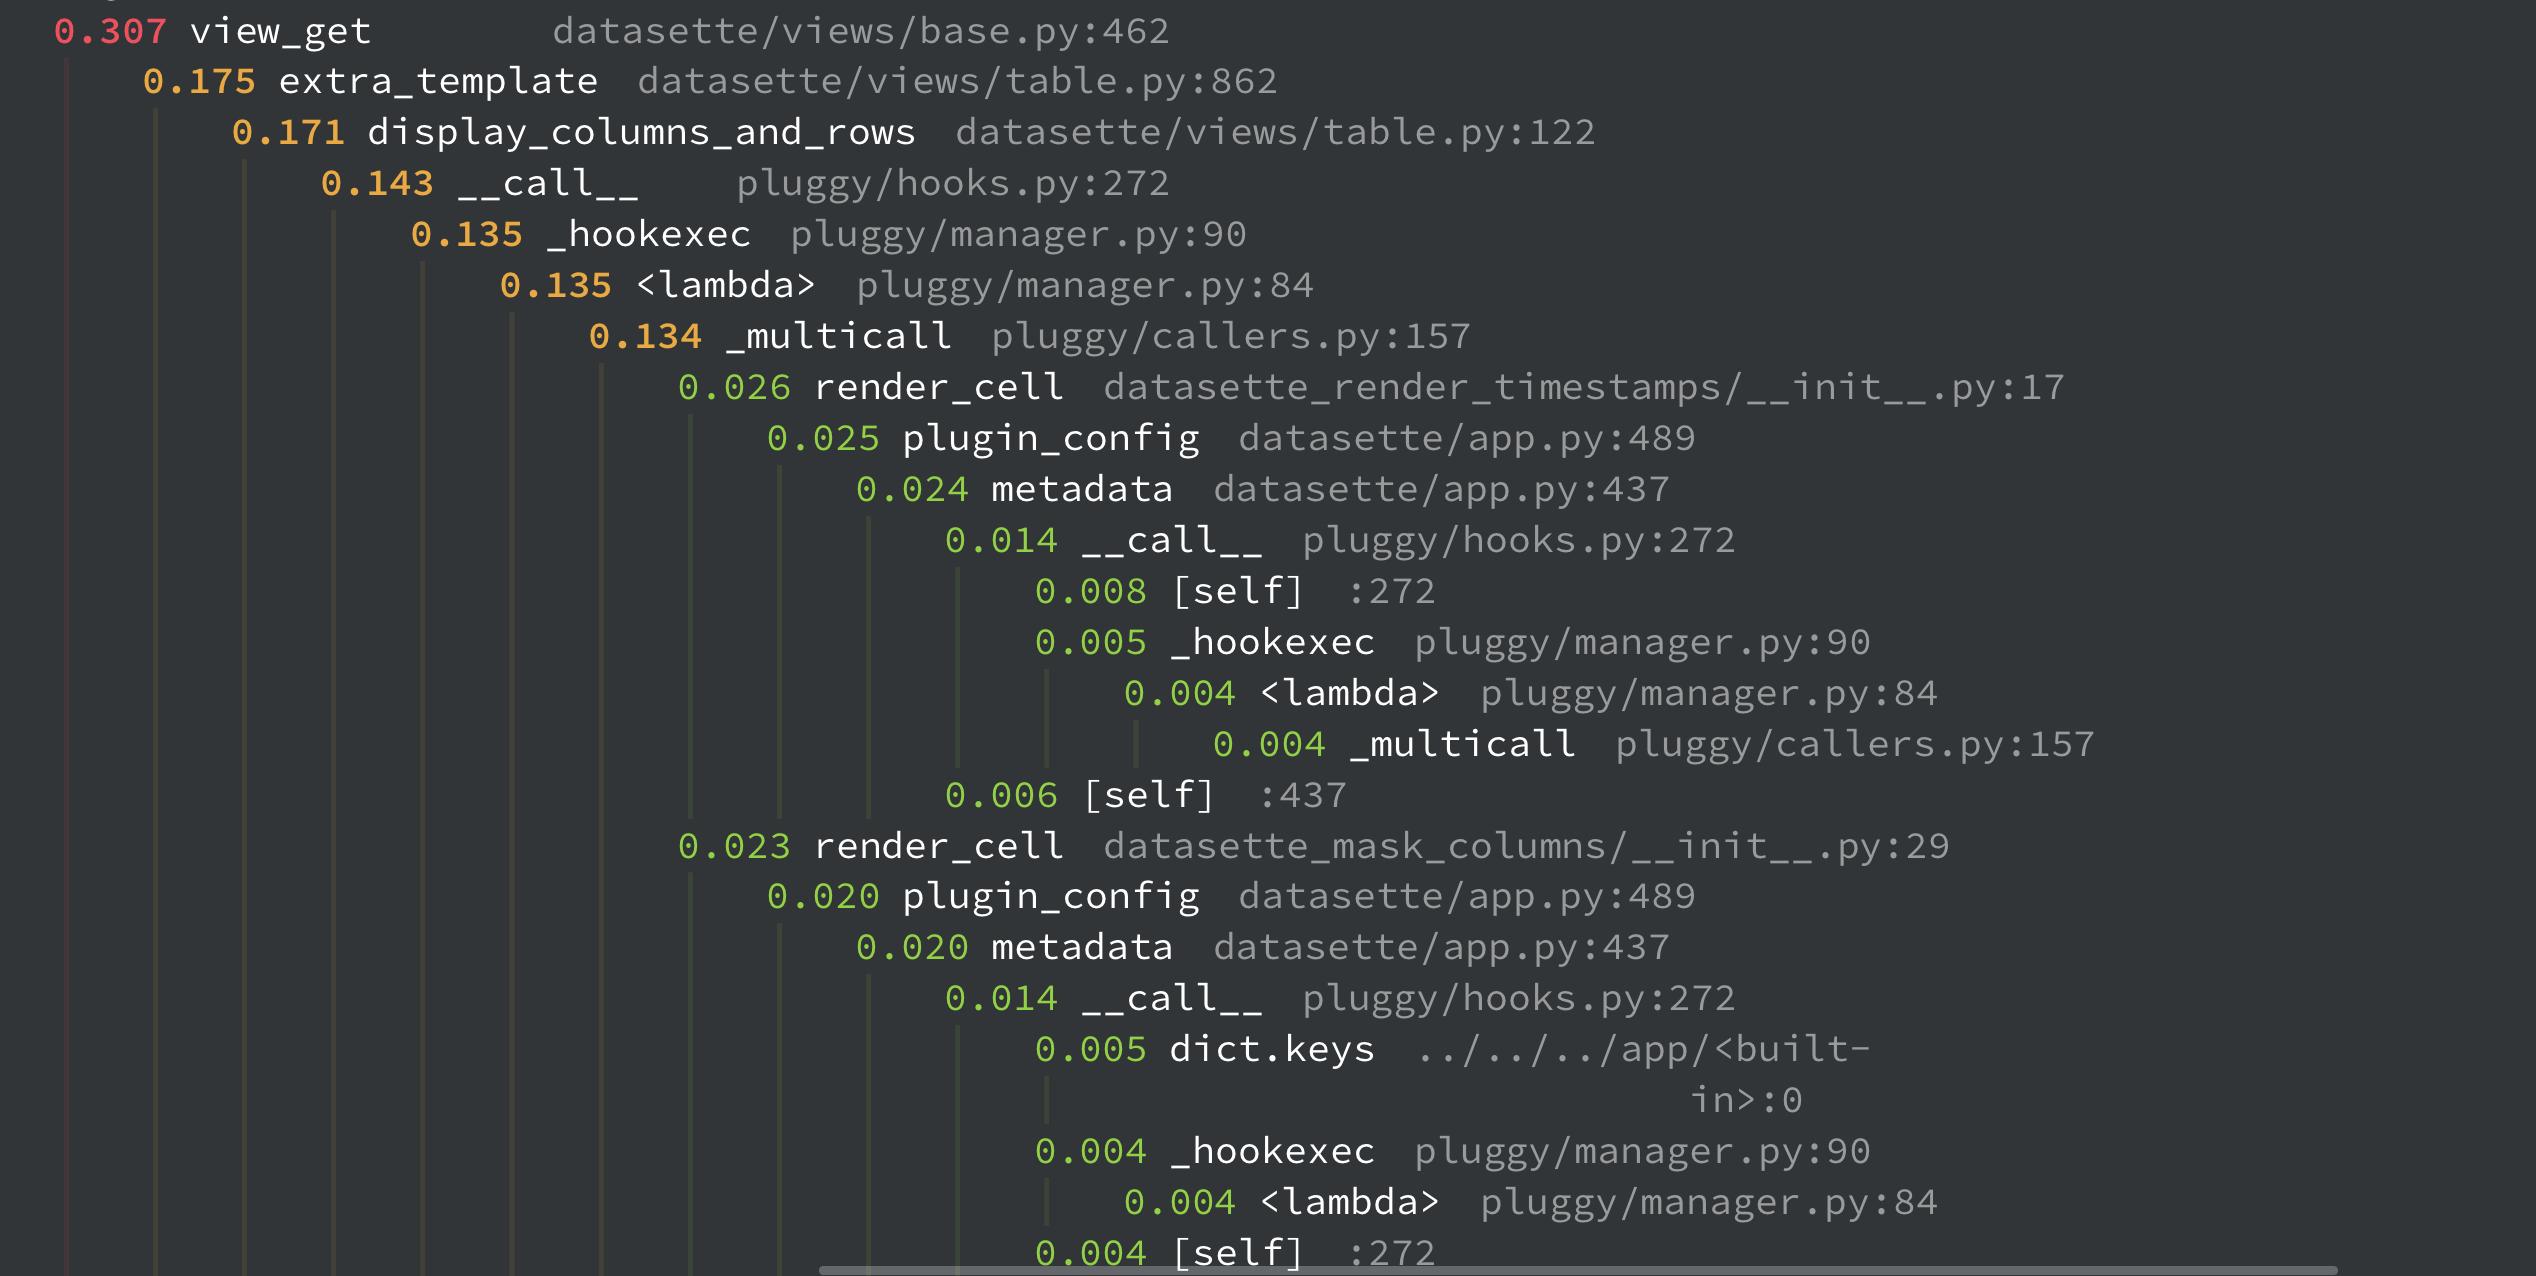 Screenshot of simonw/datasette-pyinstrument